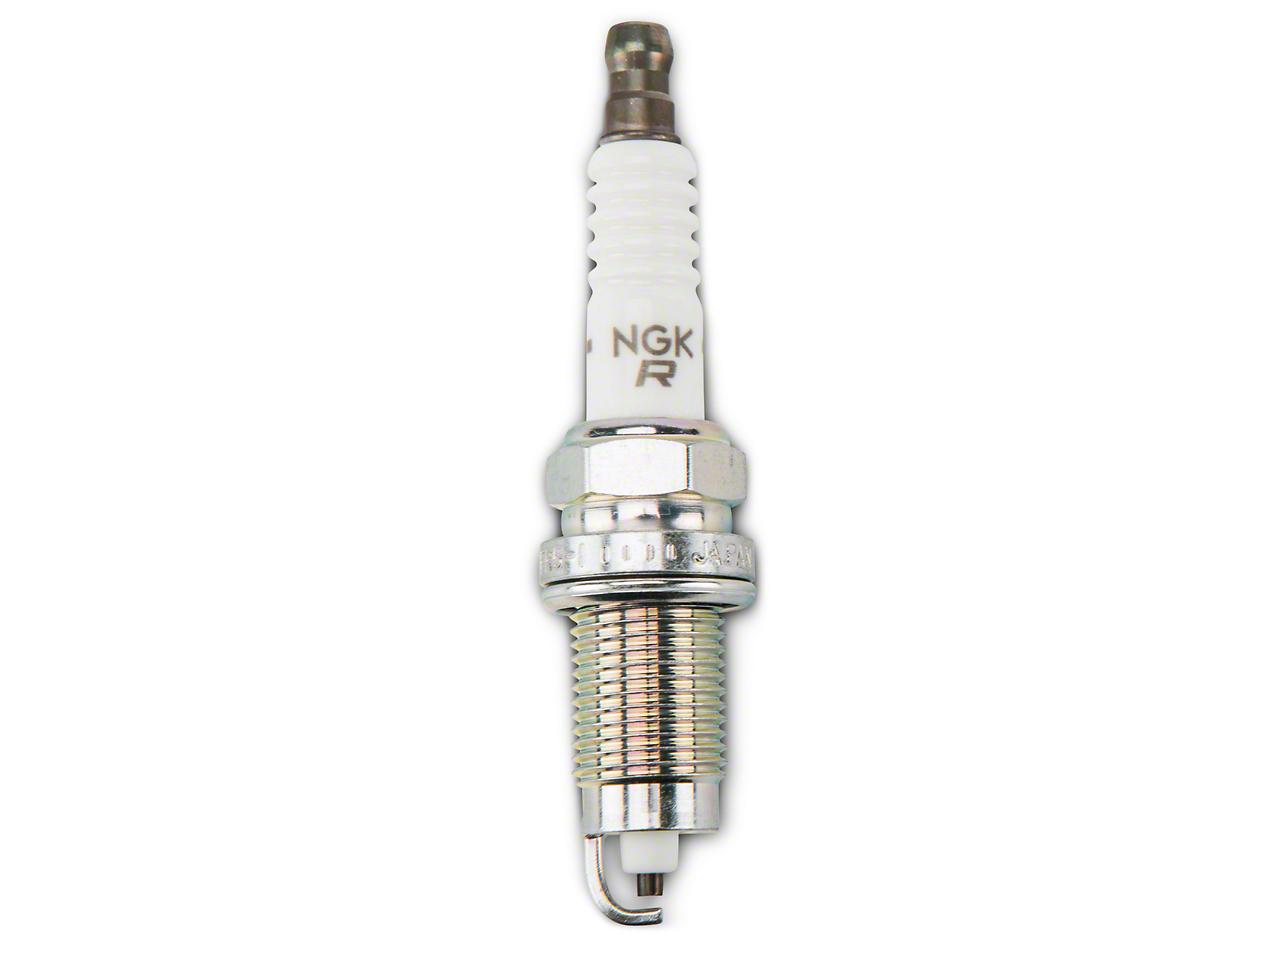 NGK V-Power Spark Plug - 2.5L/4.0L (87-02 2.5L, 91-98 4.0L Wrangler TJ & YJ)